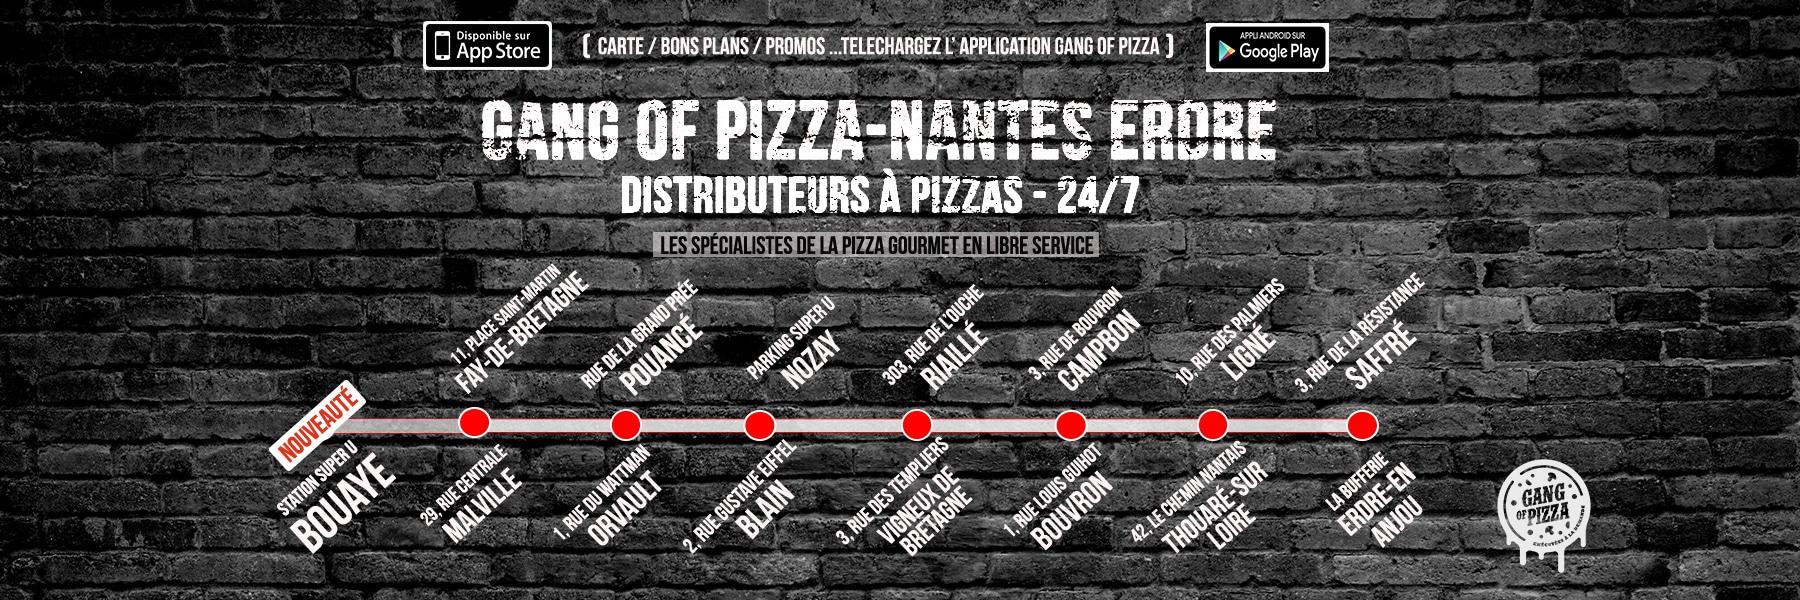 gang-of-pizza-debarque-a-bouaye-distributeur-pizza-24-7-pizzas-fast-food-nantes-erdre-dap-pizza-gourmet-recette-originale